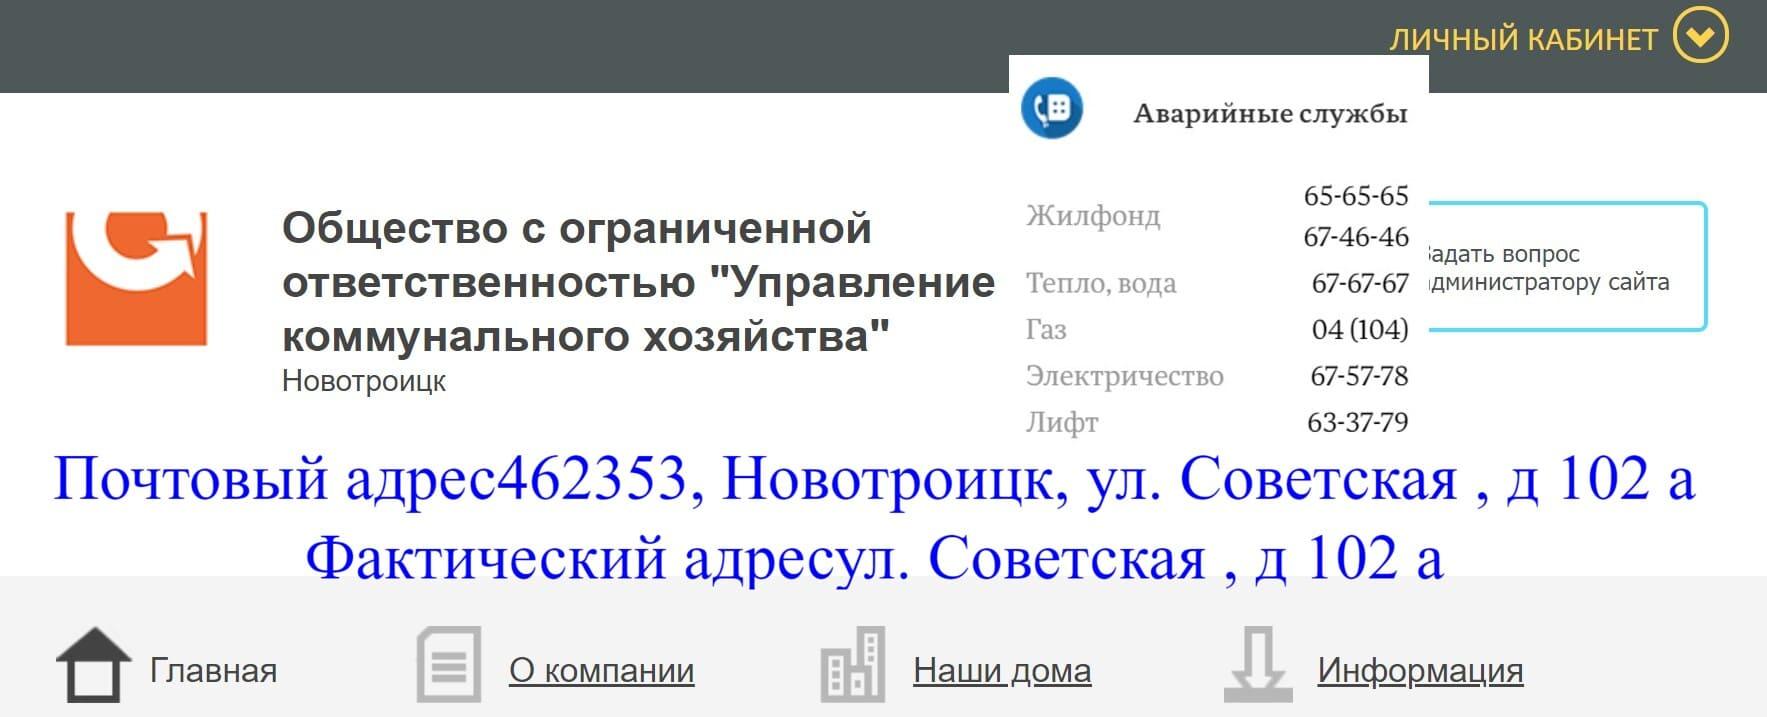 УКХ Новотроицк сайт